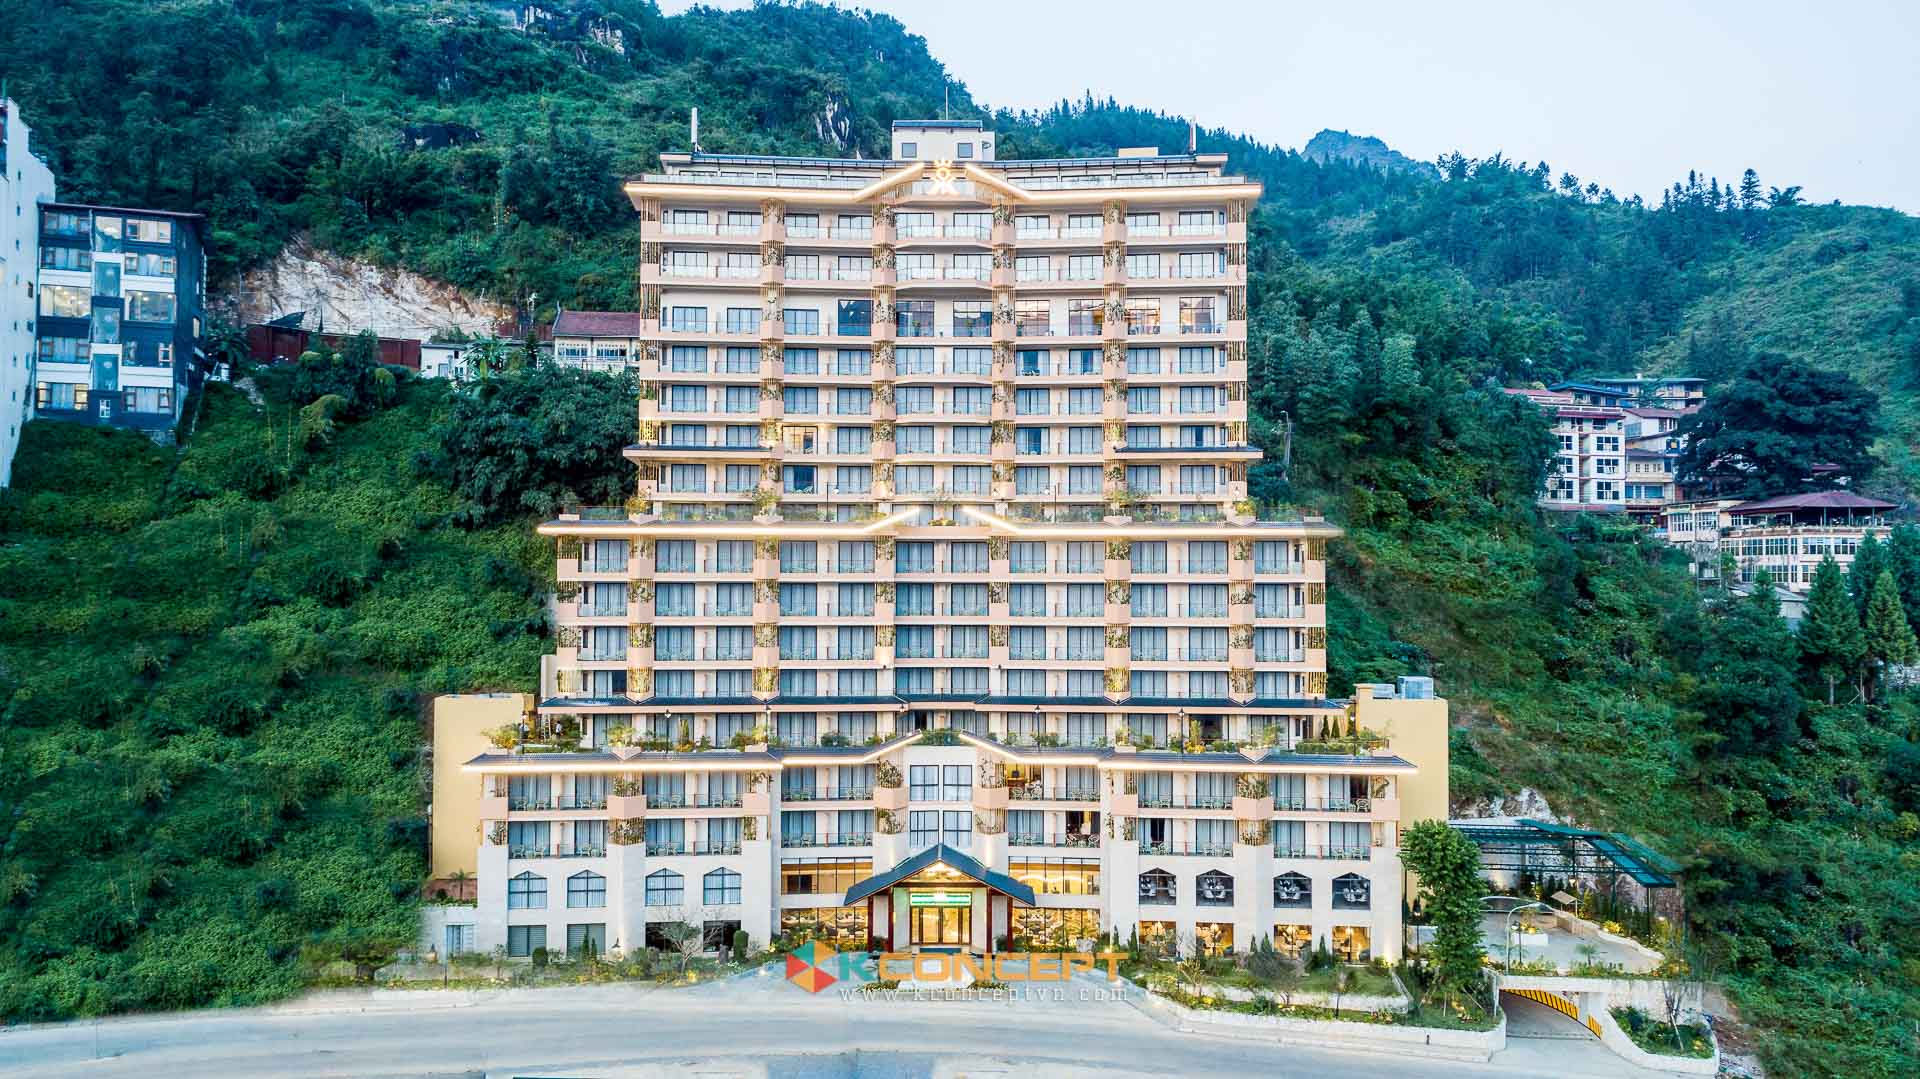 Hình ảnh về dự án chụp ảnh khách sạn flycam KK Hotel Sapa